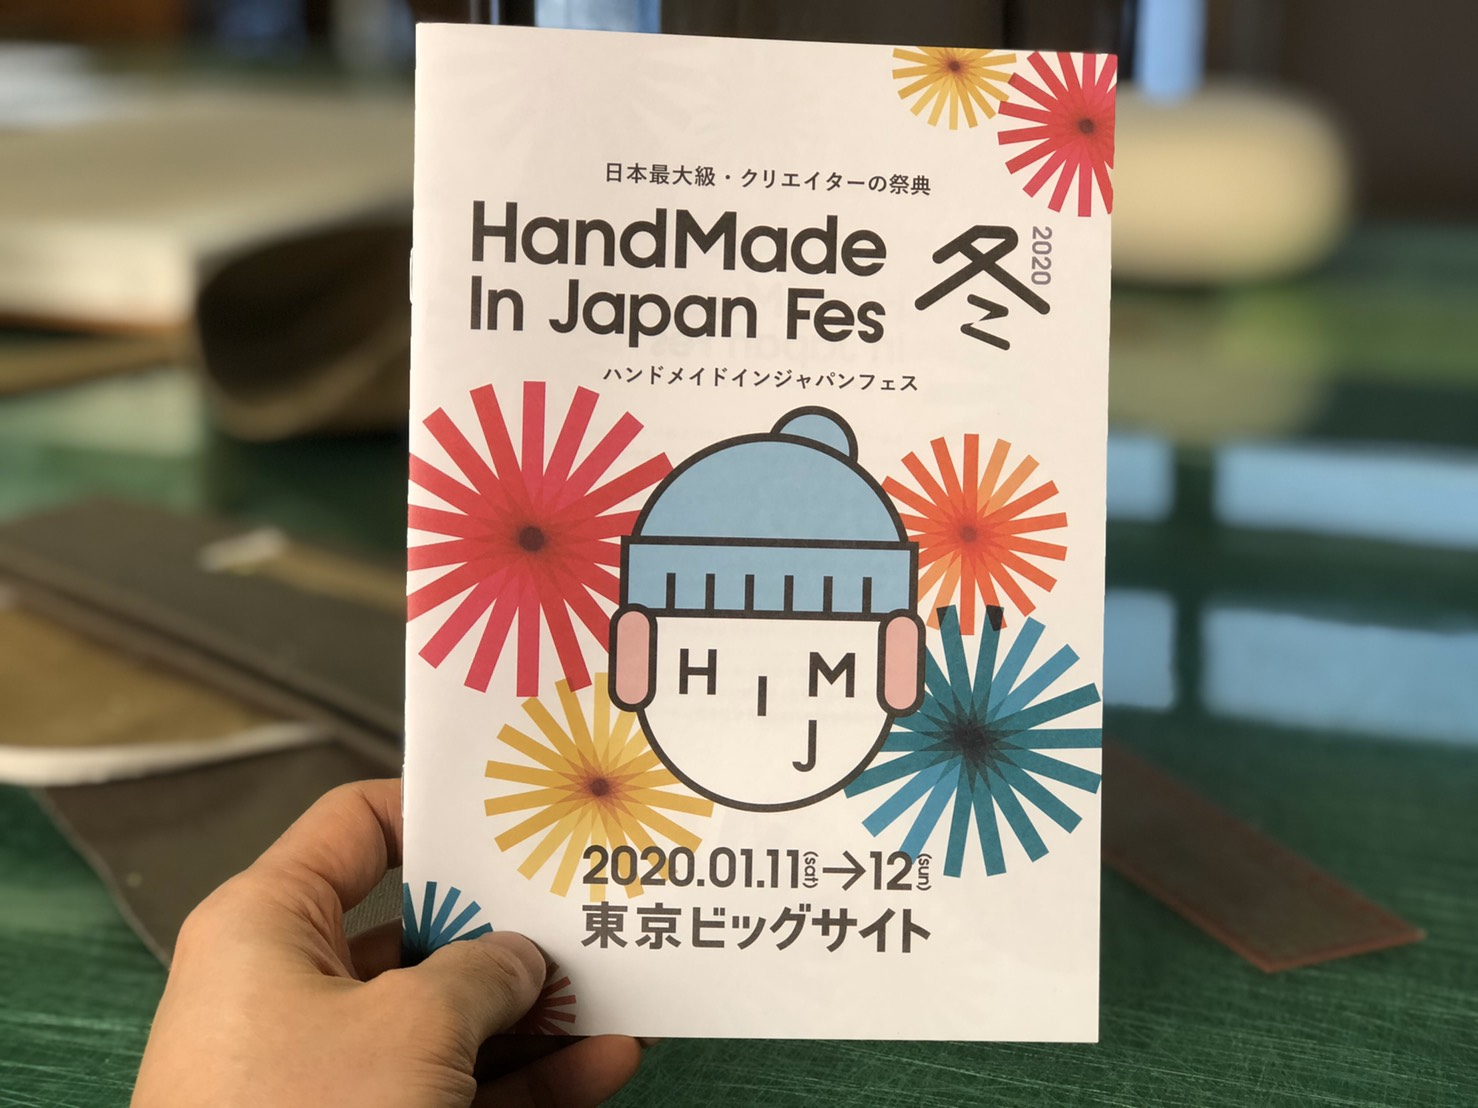 「HandMade In Japan Fes 冬2020」 出店決定!!